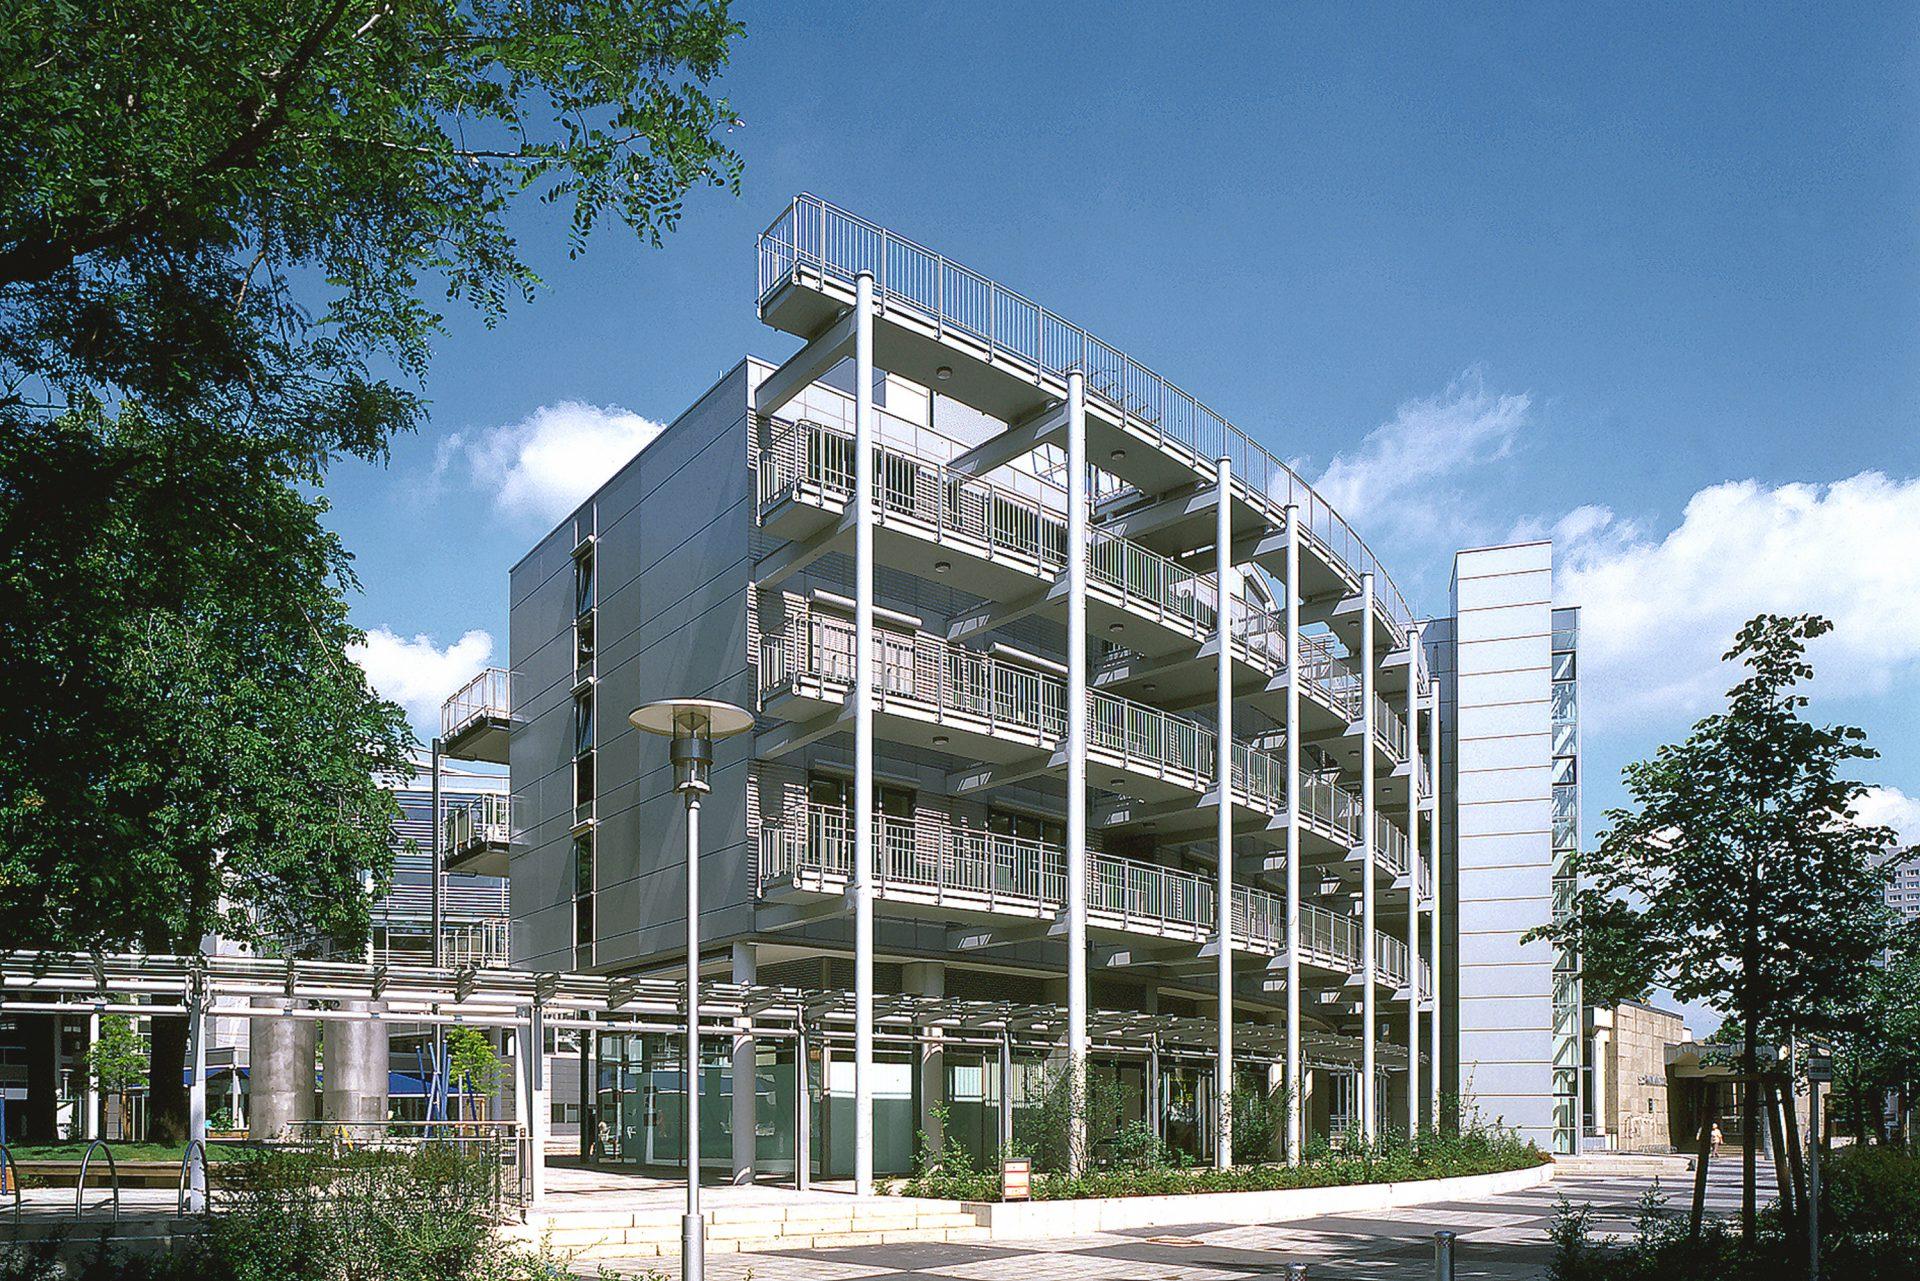 Stadtteilzentrum Storkower Bogen Berlin